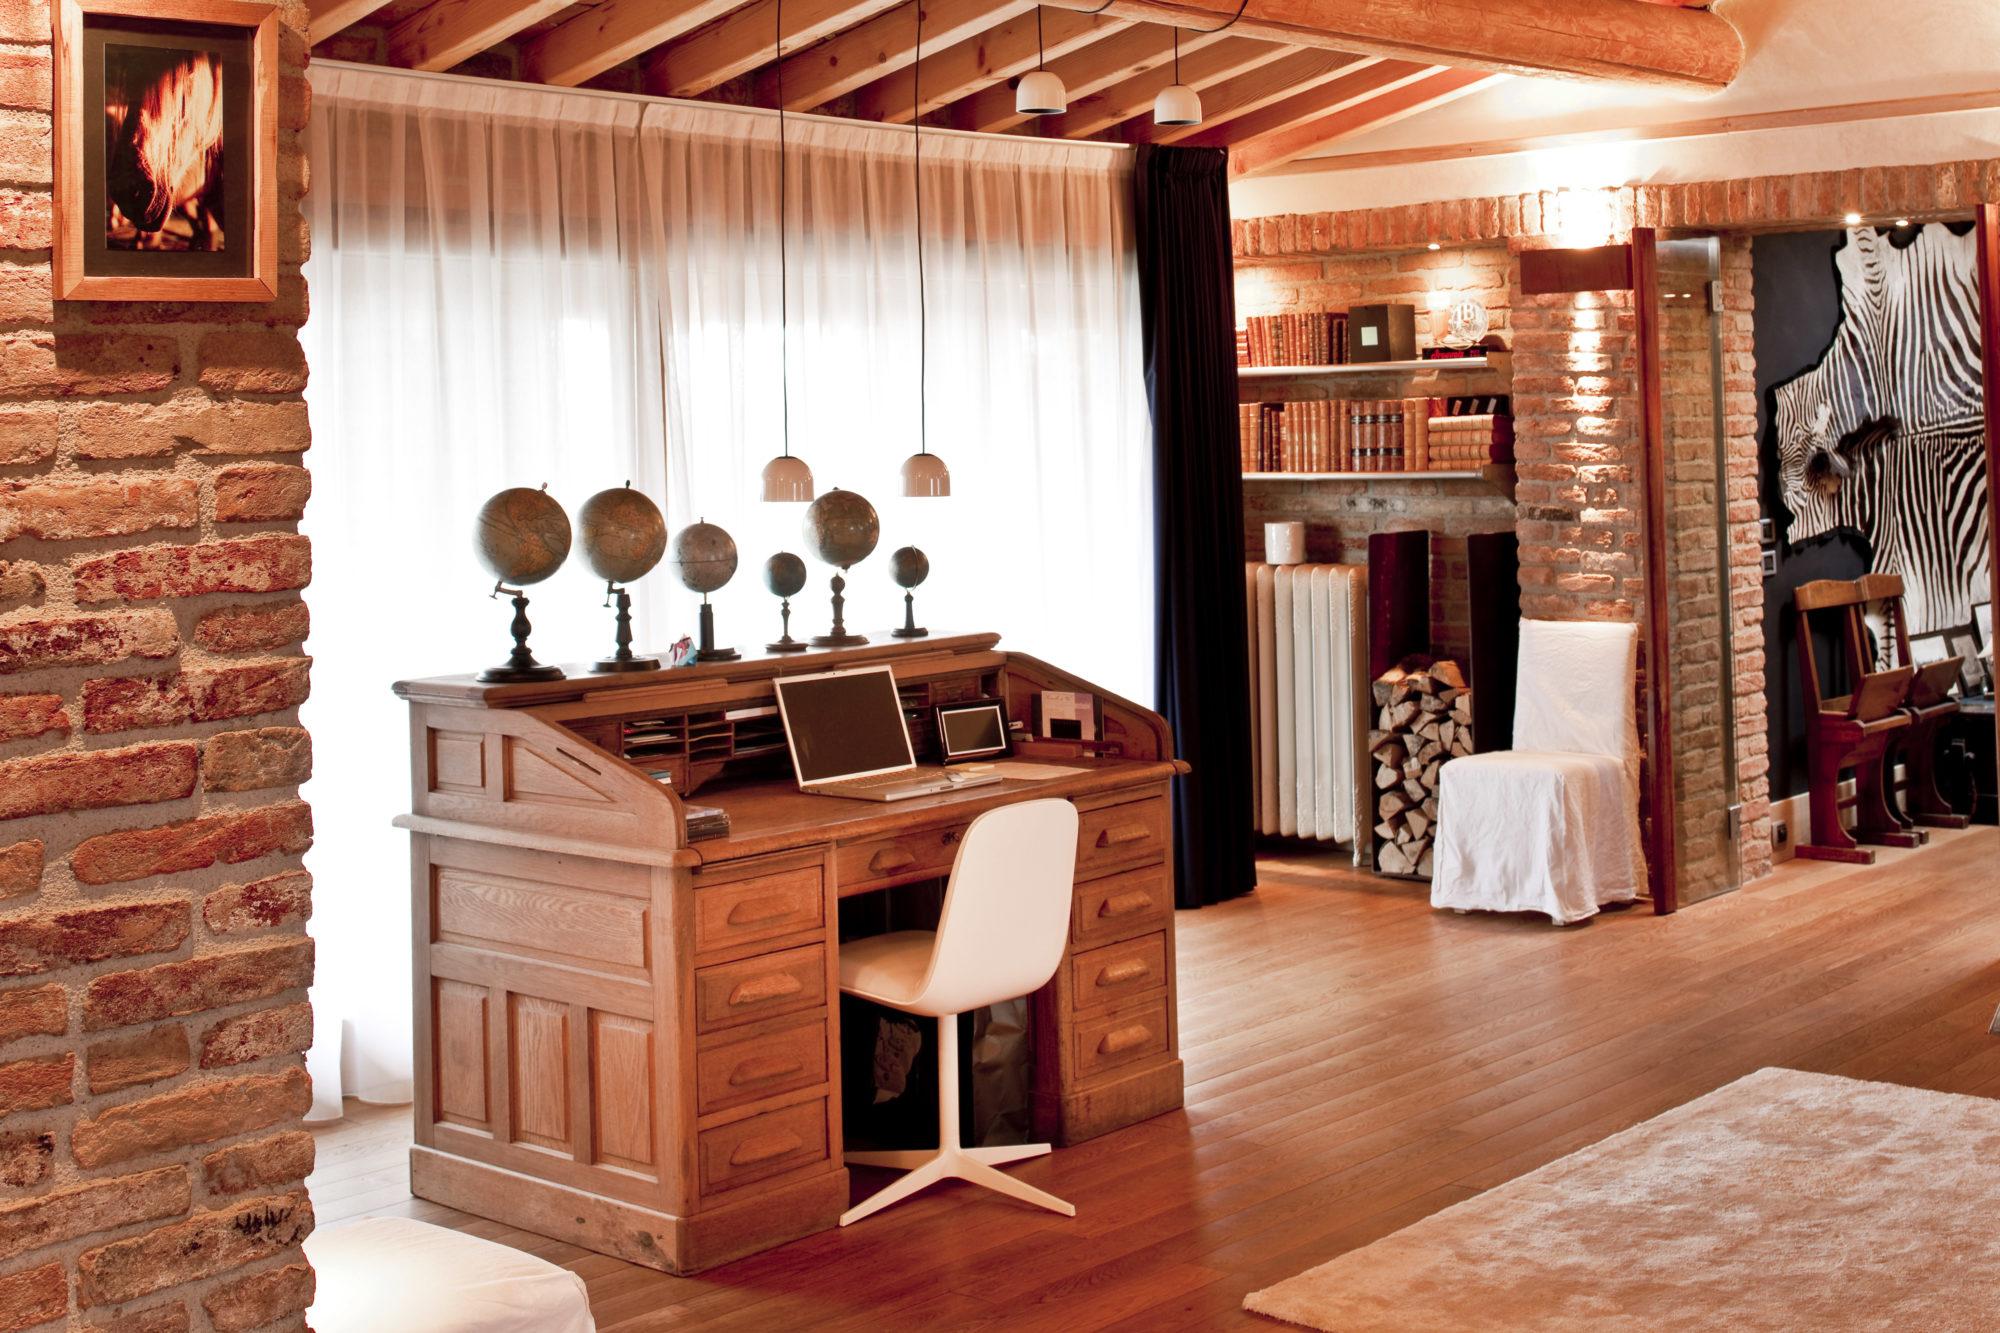 Arredamento interni casa di campagna arredamento casa for Arredamento casa interni